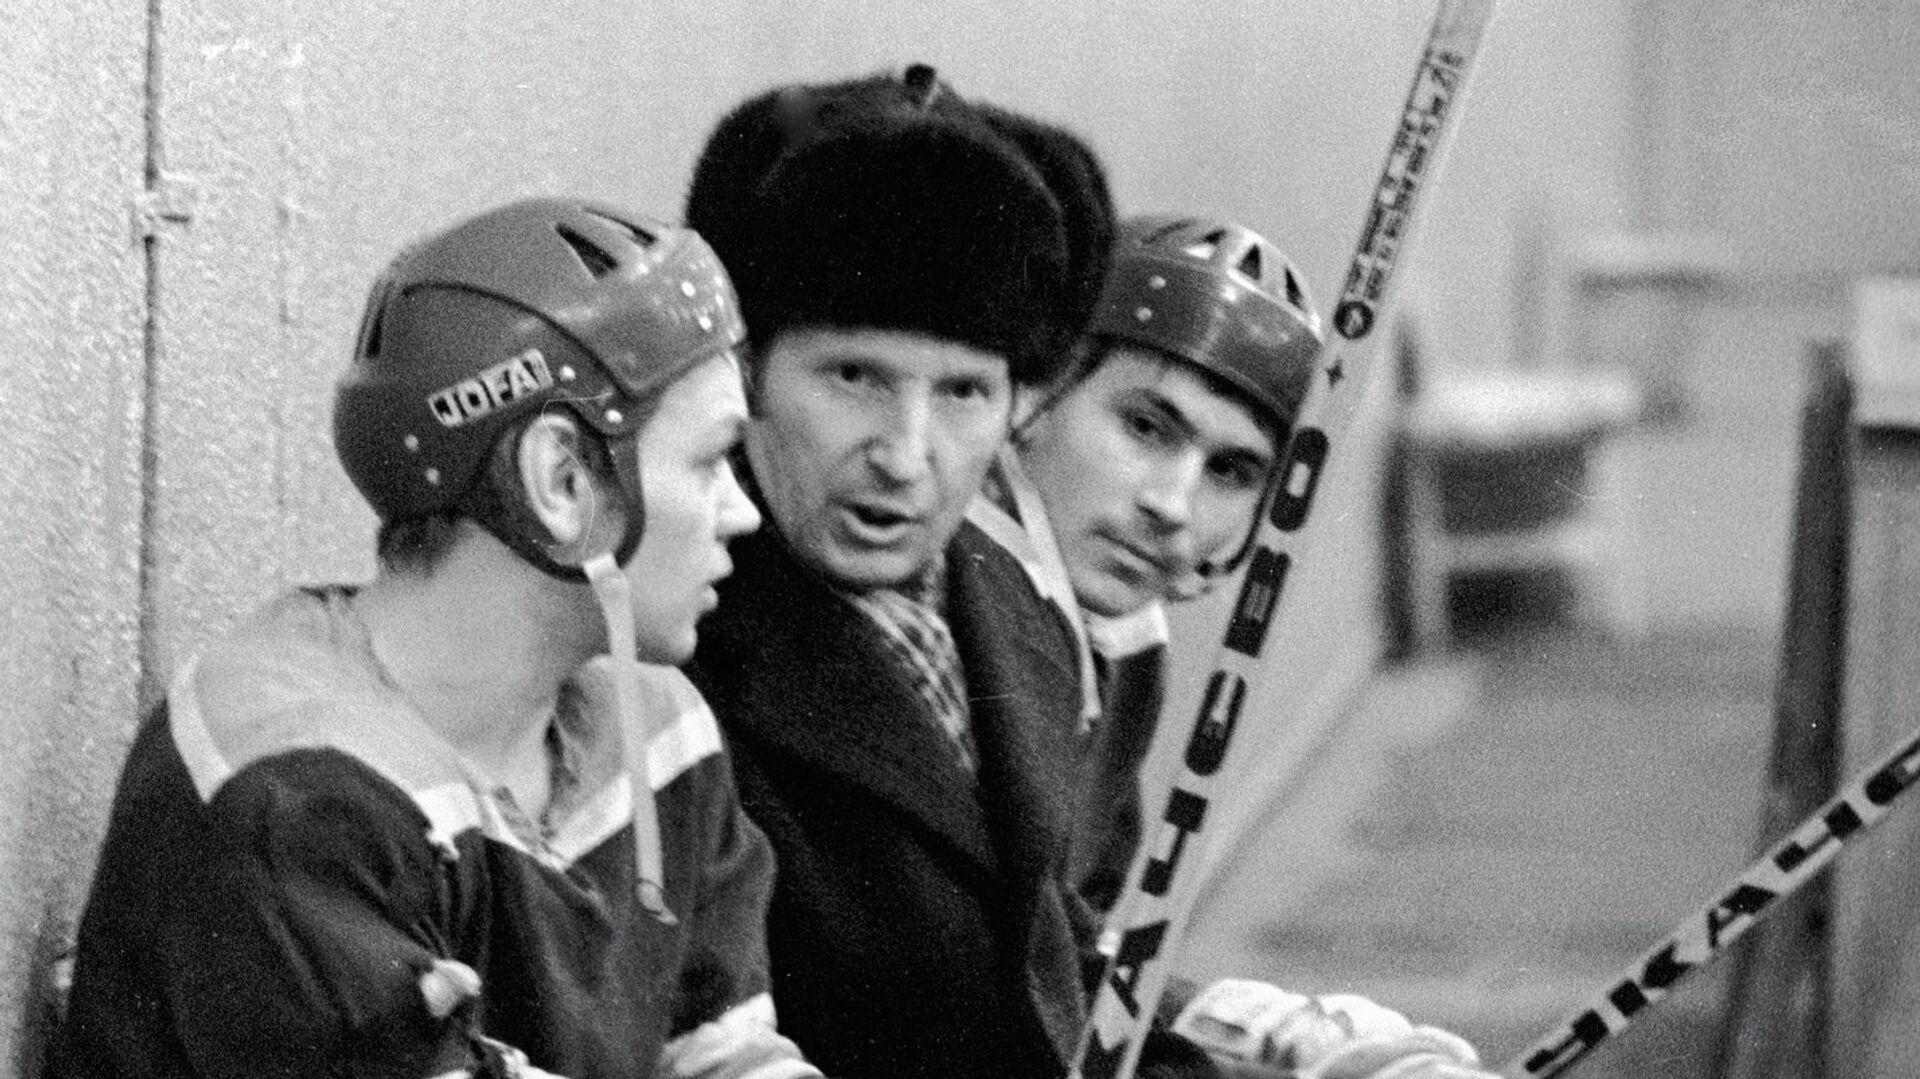 Чемпион Олимпийских игр хоккеист Виктор Шувалов (в центре) беседует с юными хоккеистами на тренировке - РИА Новости, 1920, 19.04.2021